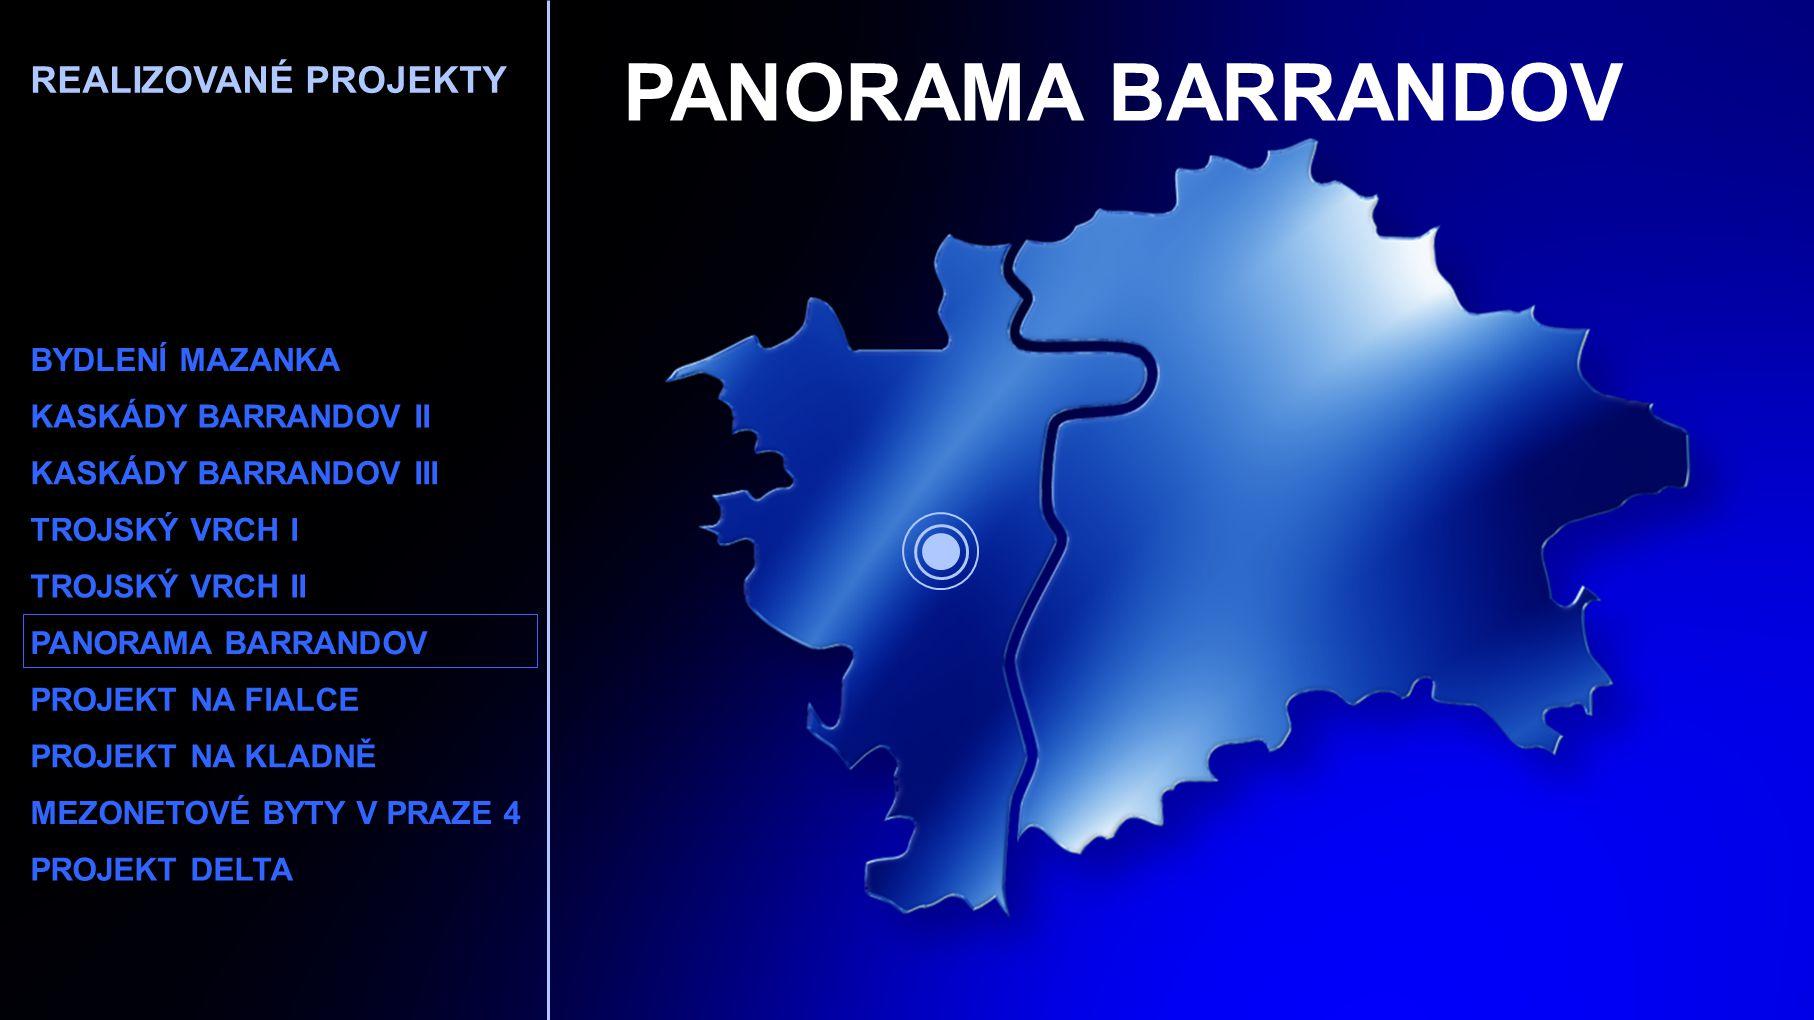 PANORAMA BARRANDOV REALIZOVANÉ PROJEKTY BYDLENÍ MAZANKA